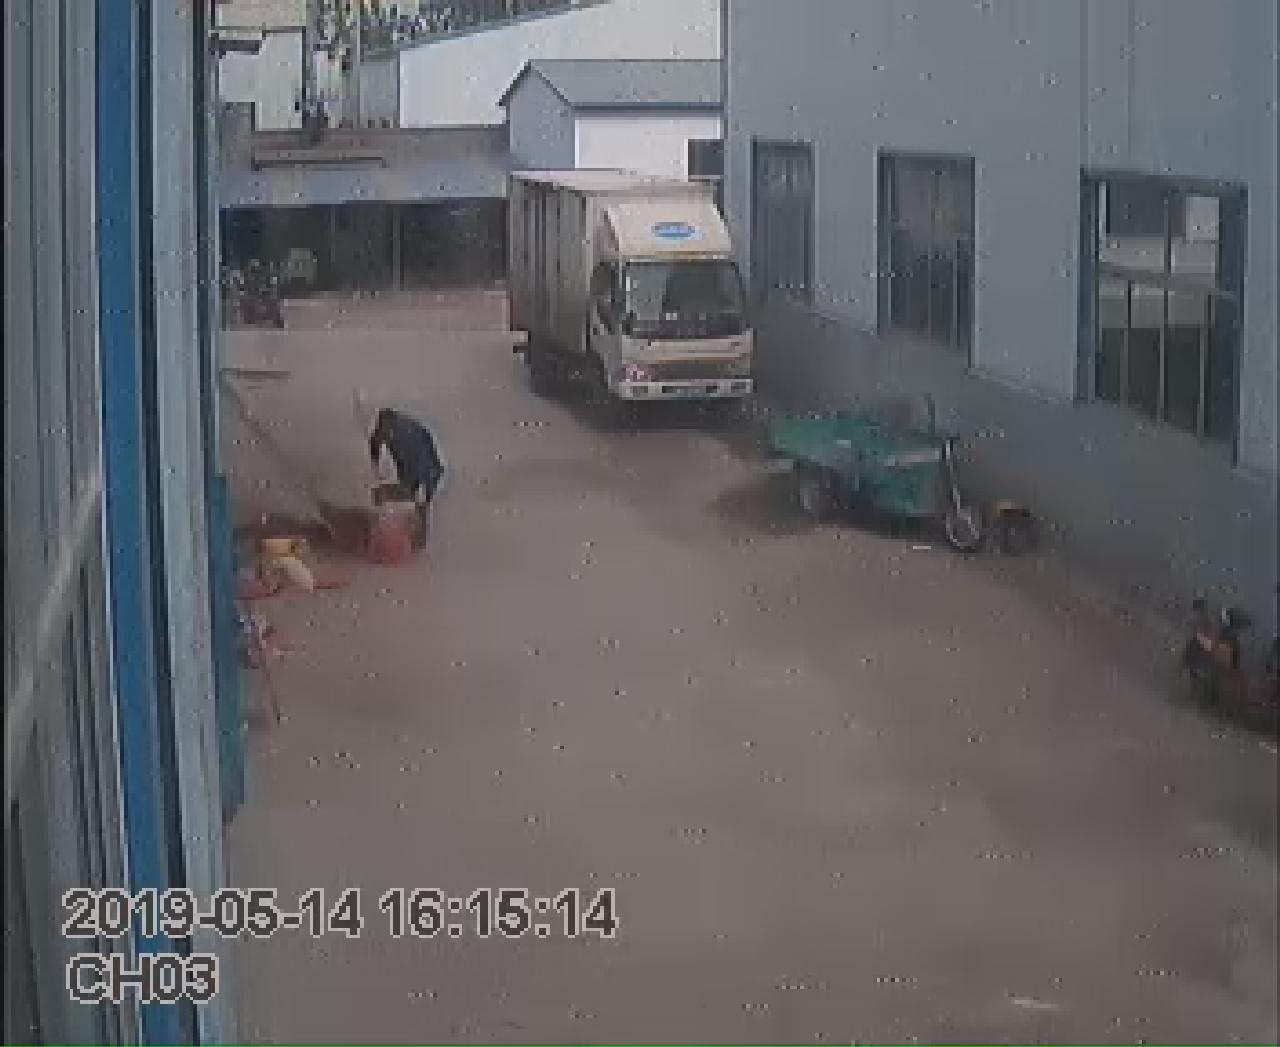 江淮帅玲厢货车